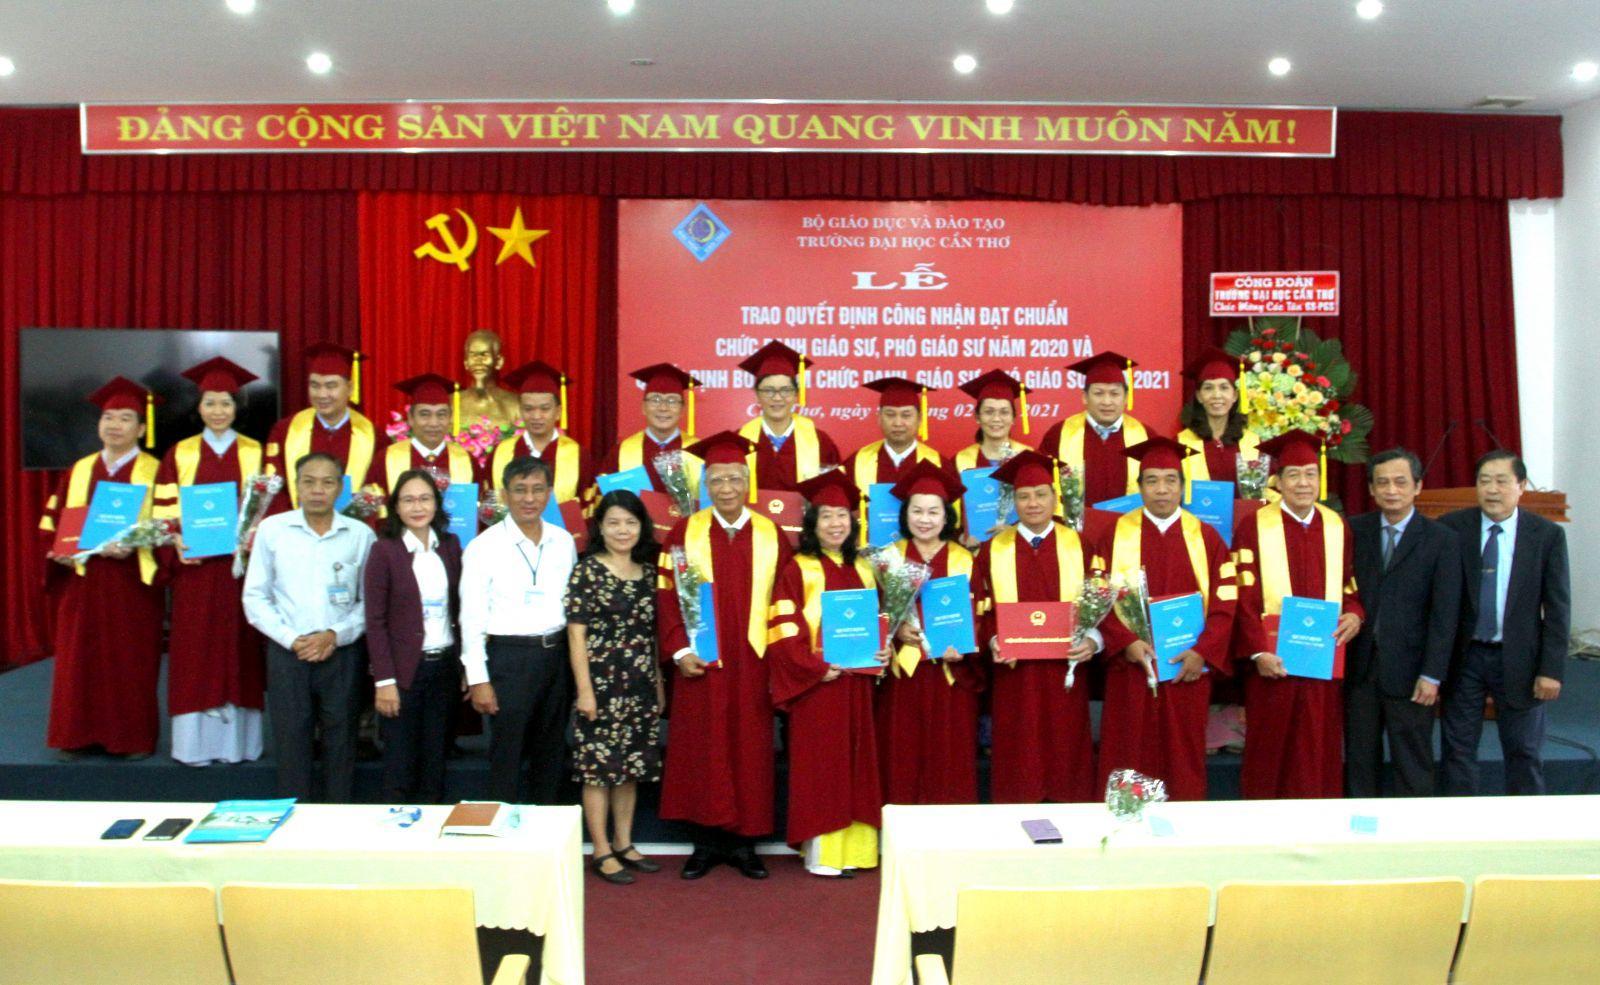 Trường Đại học Cần Thơ có 17 nhà giáo được bổ nhiệm chức danh Giáo sư, Phó Giáo sư Ảnh 1